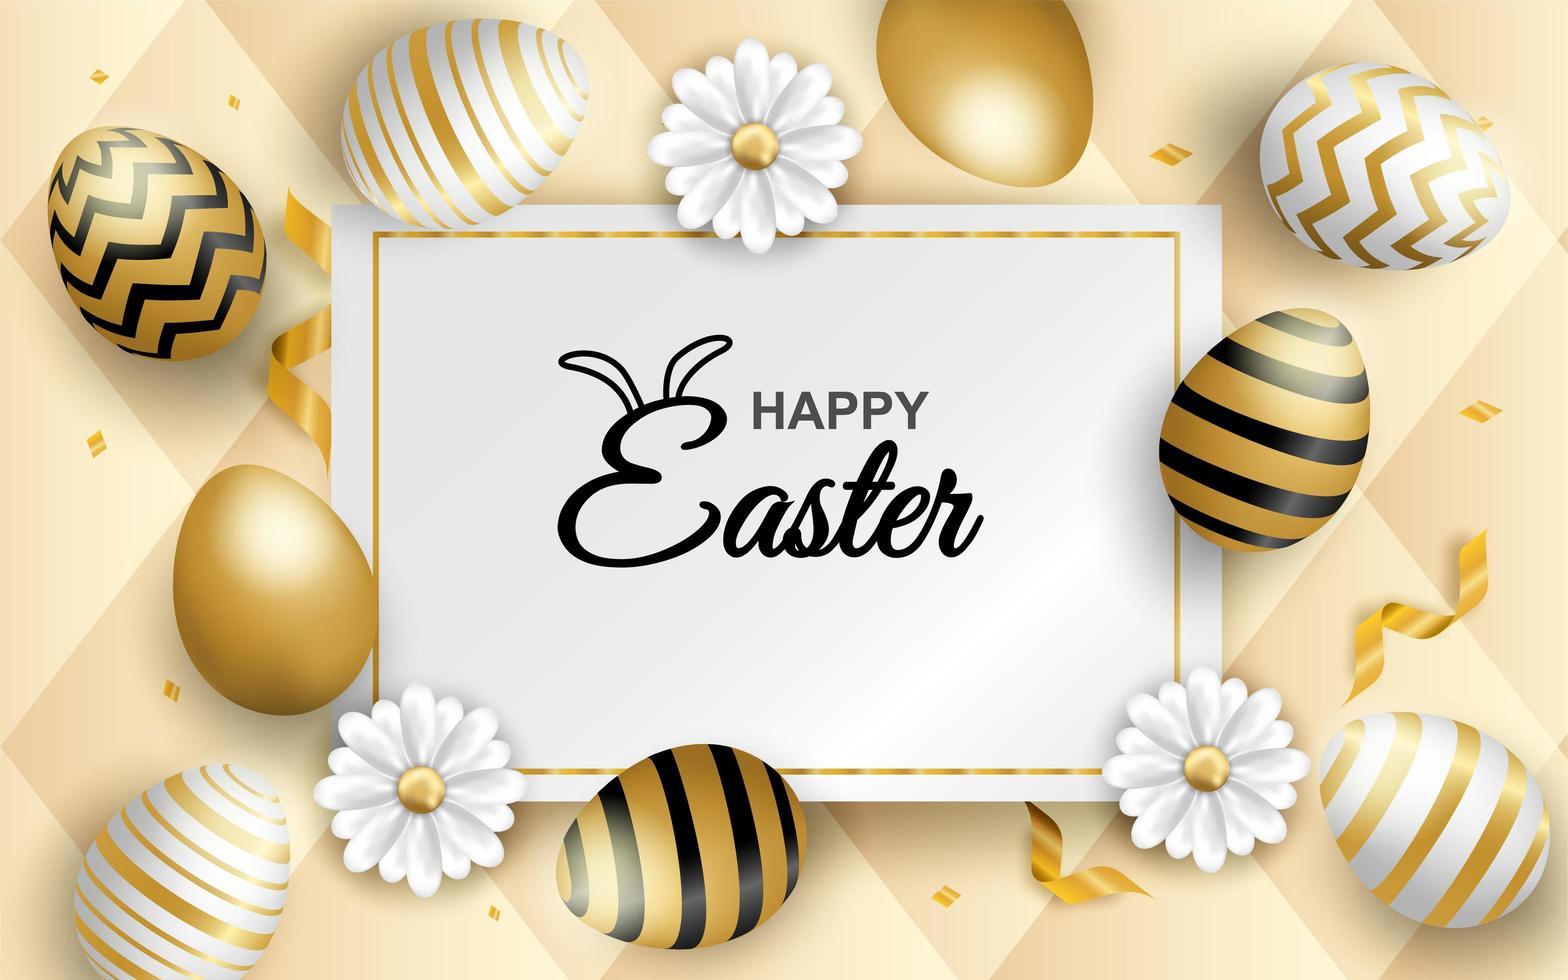 ovo de Páscoa dourado e branco sobre fundo macio em relevo vetor